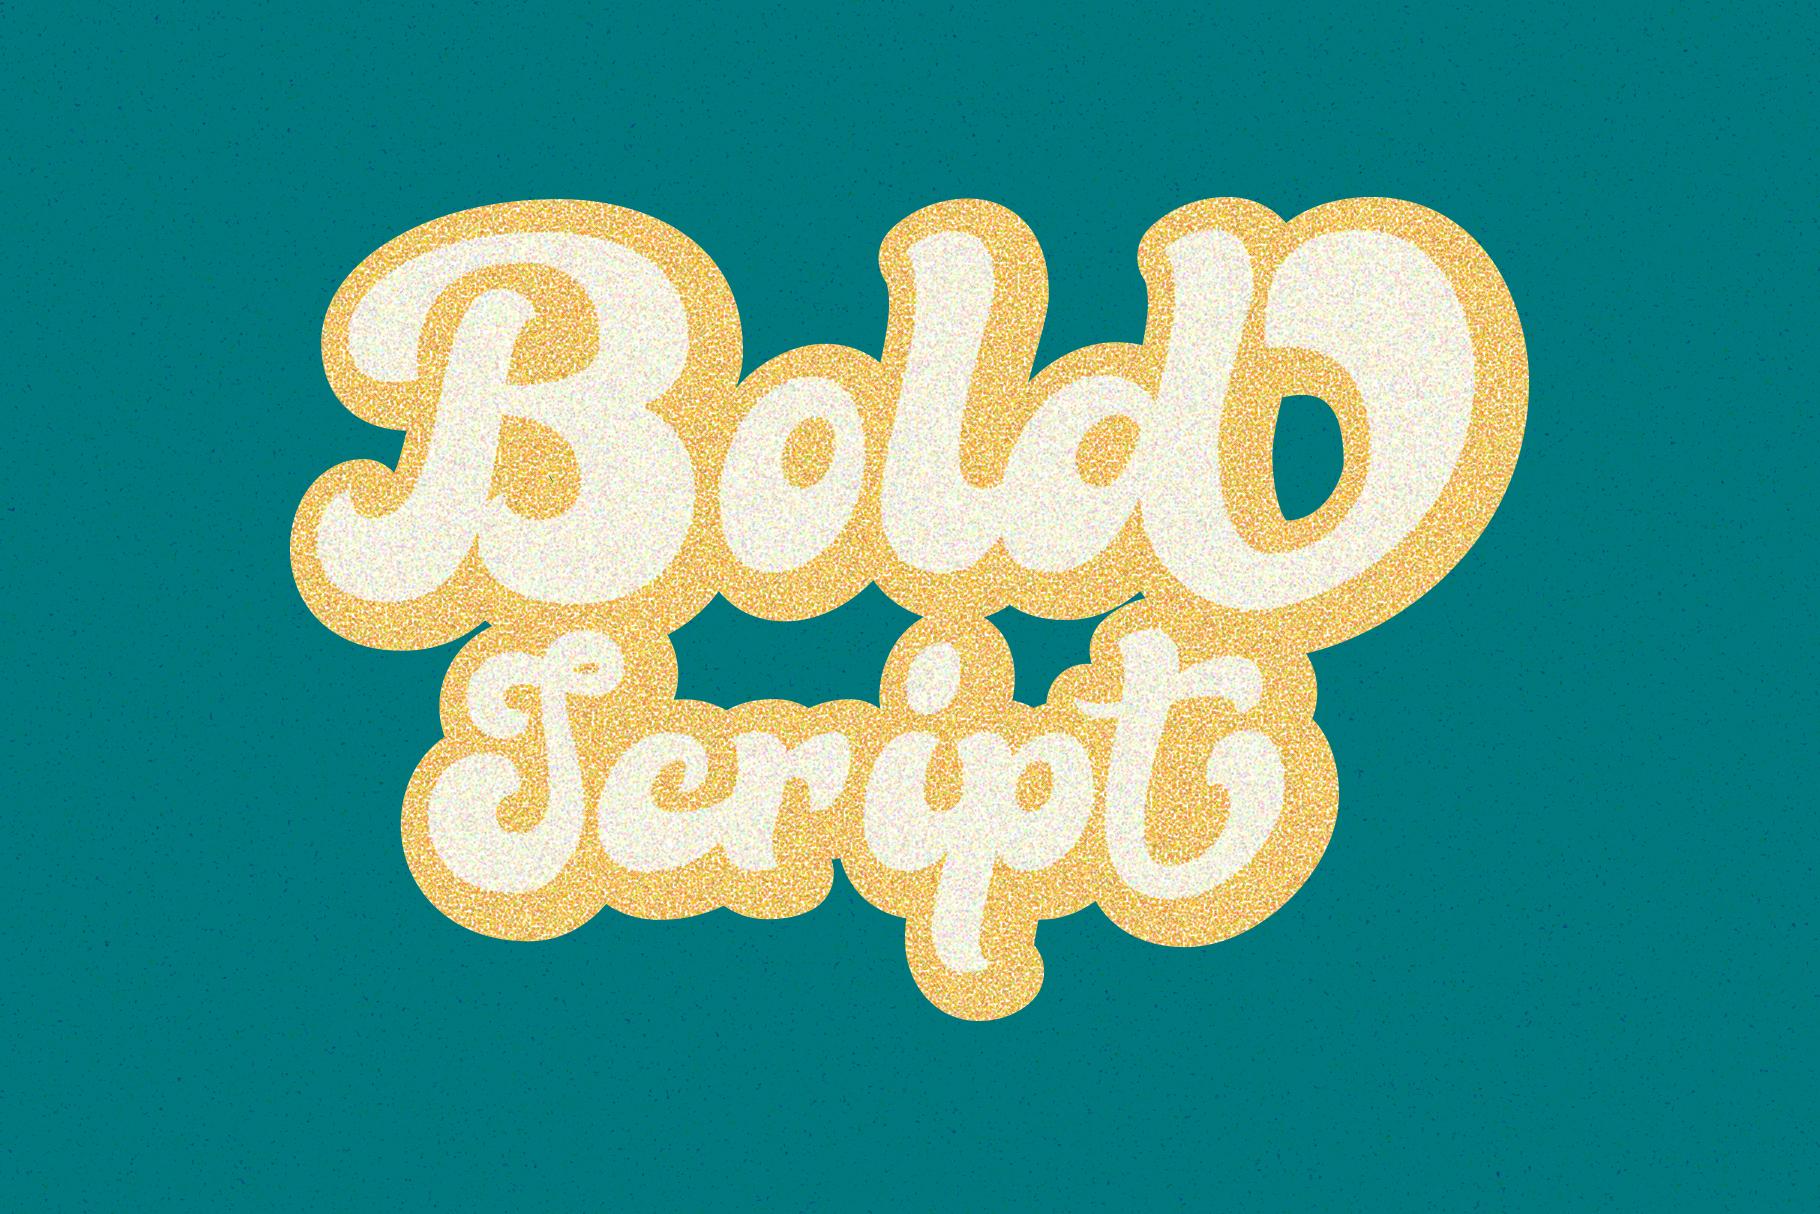 Bella - Vintage Script Font – Free Fonts, Script